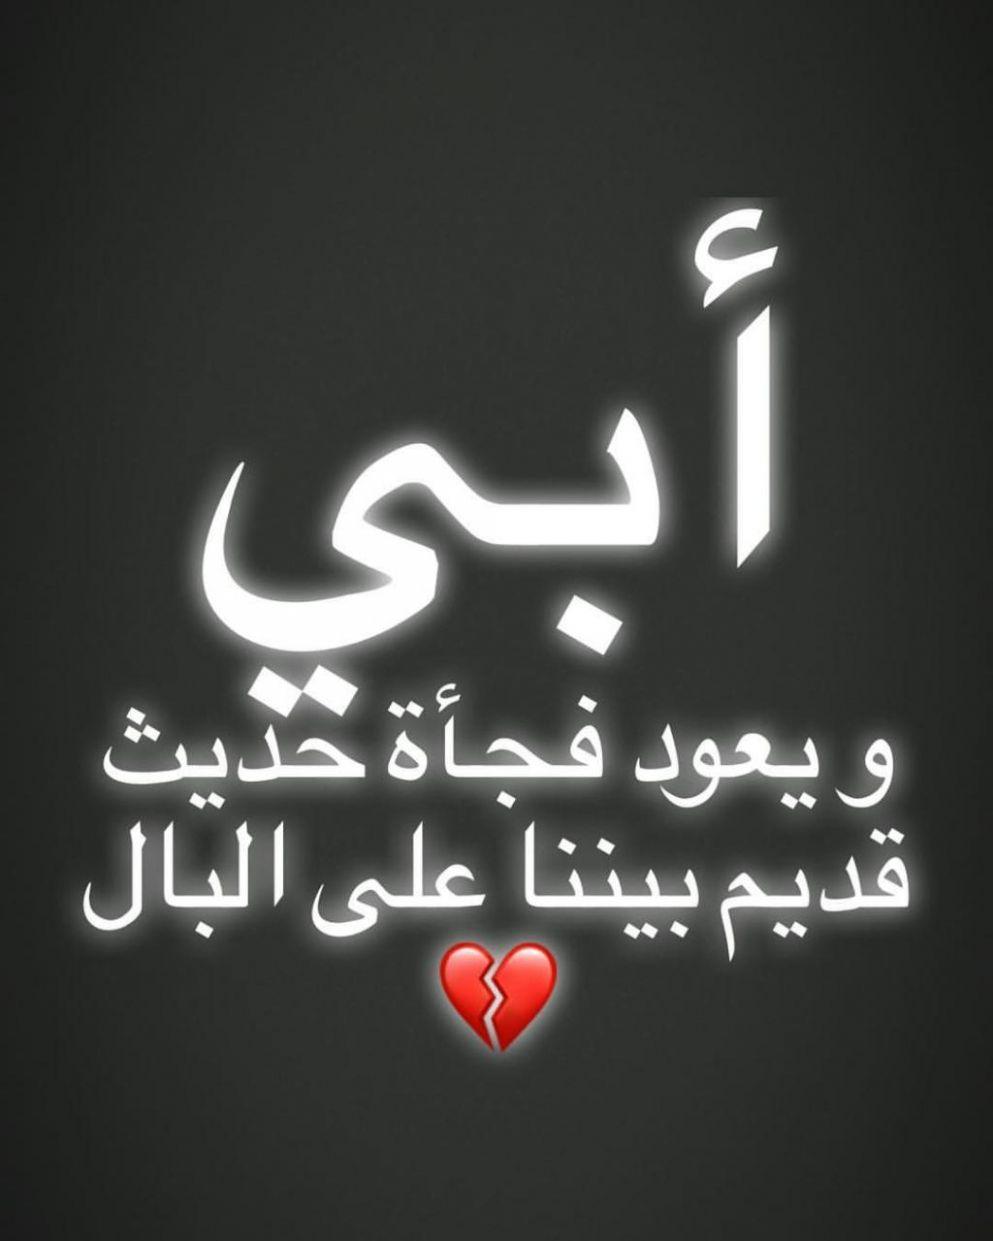 سبعة أشياء يجب أن تعرفها قبل الشروع في صورعن فقدان الاخ صورعن فقدان الاخ Neon Signs Arabic Calligraphy Image